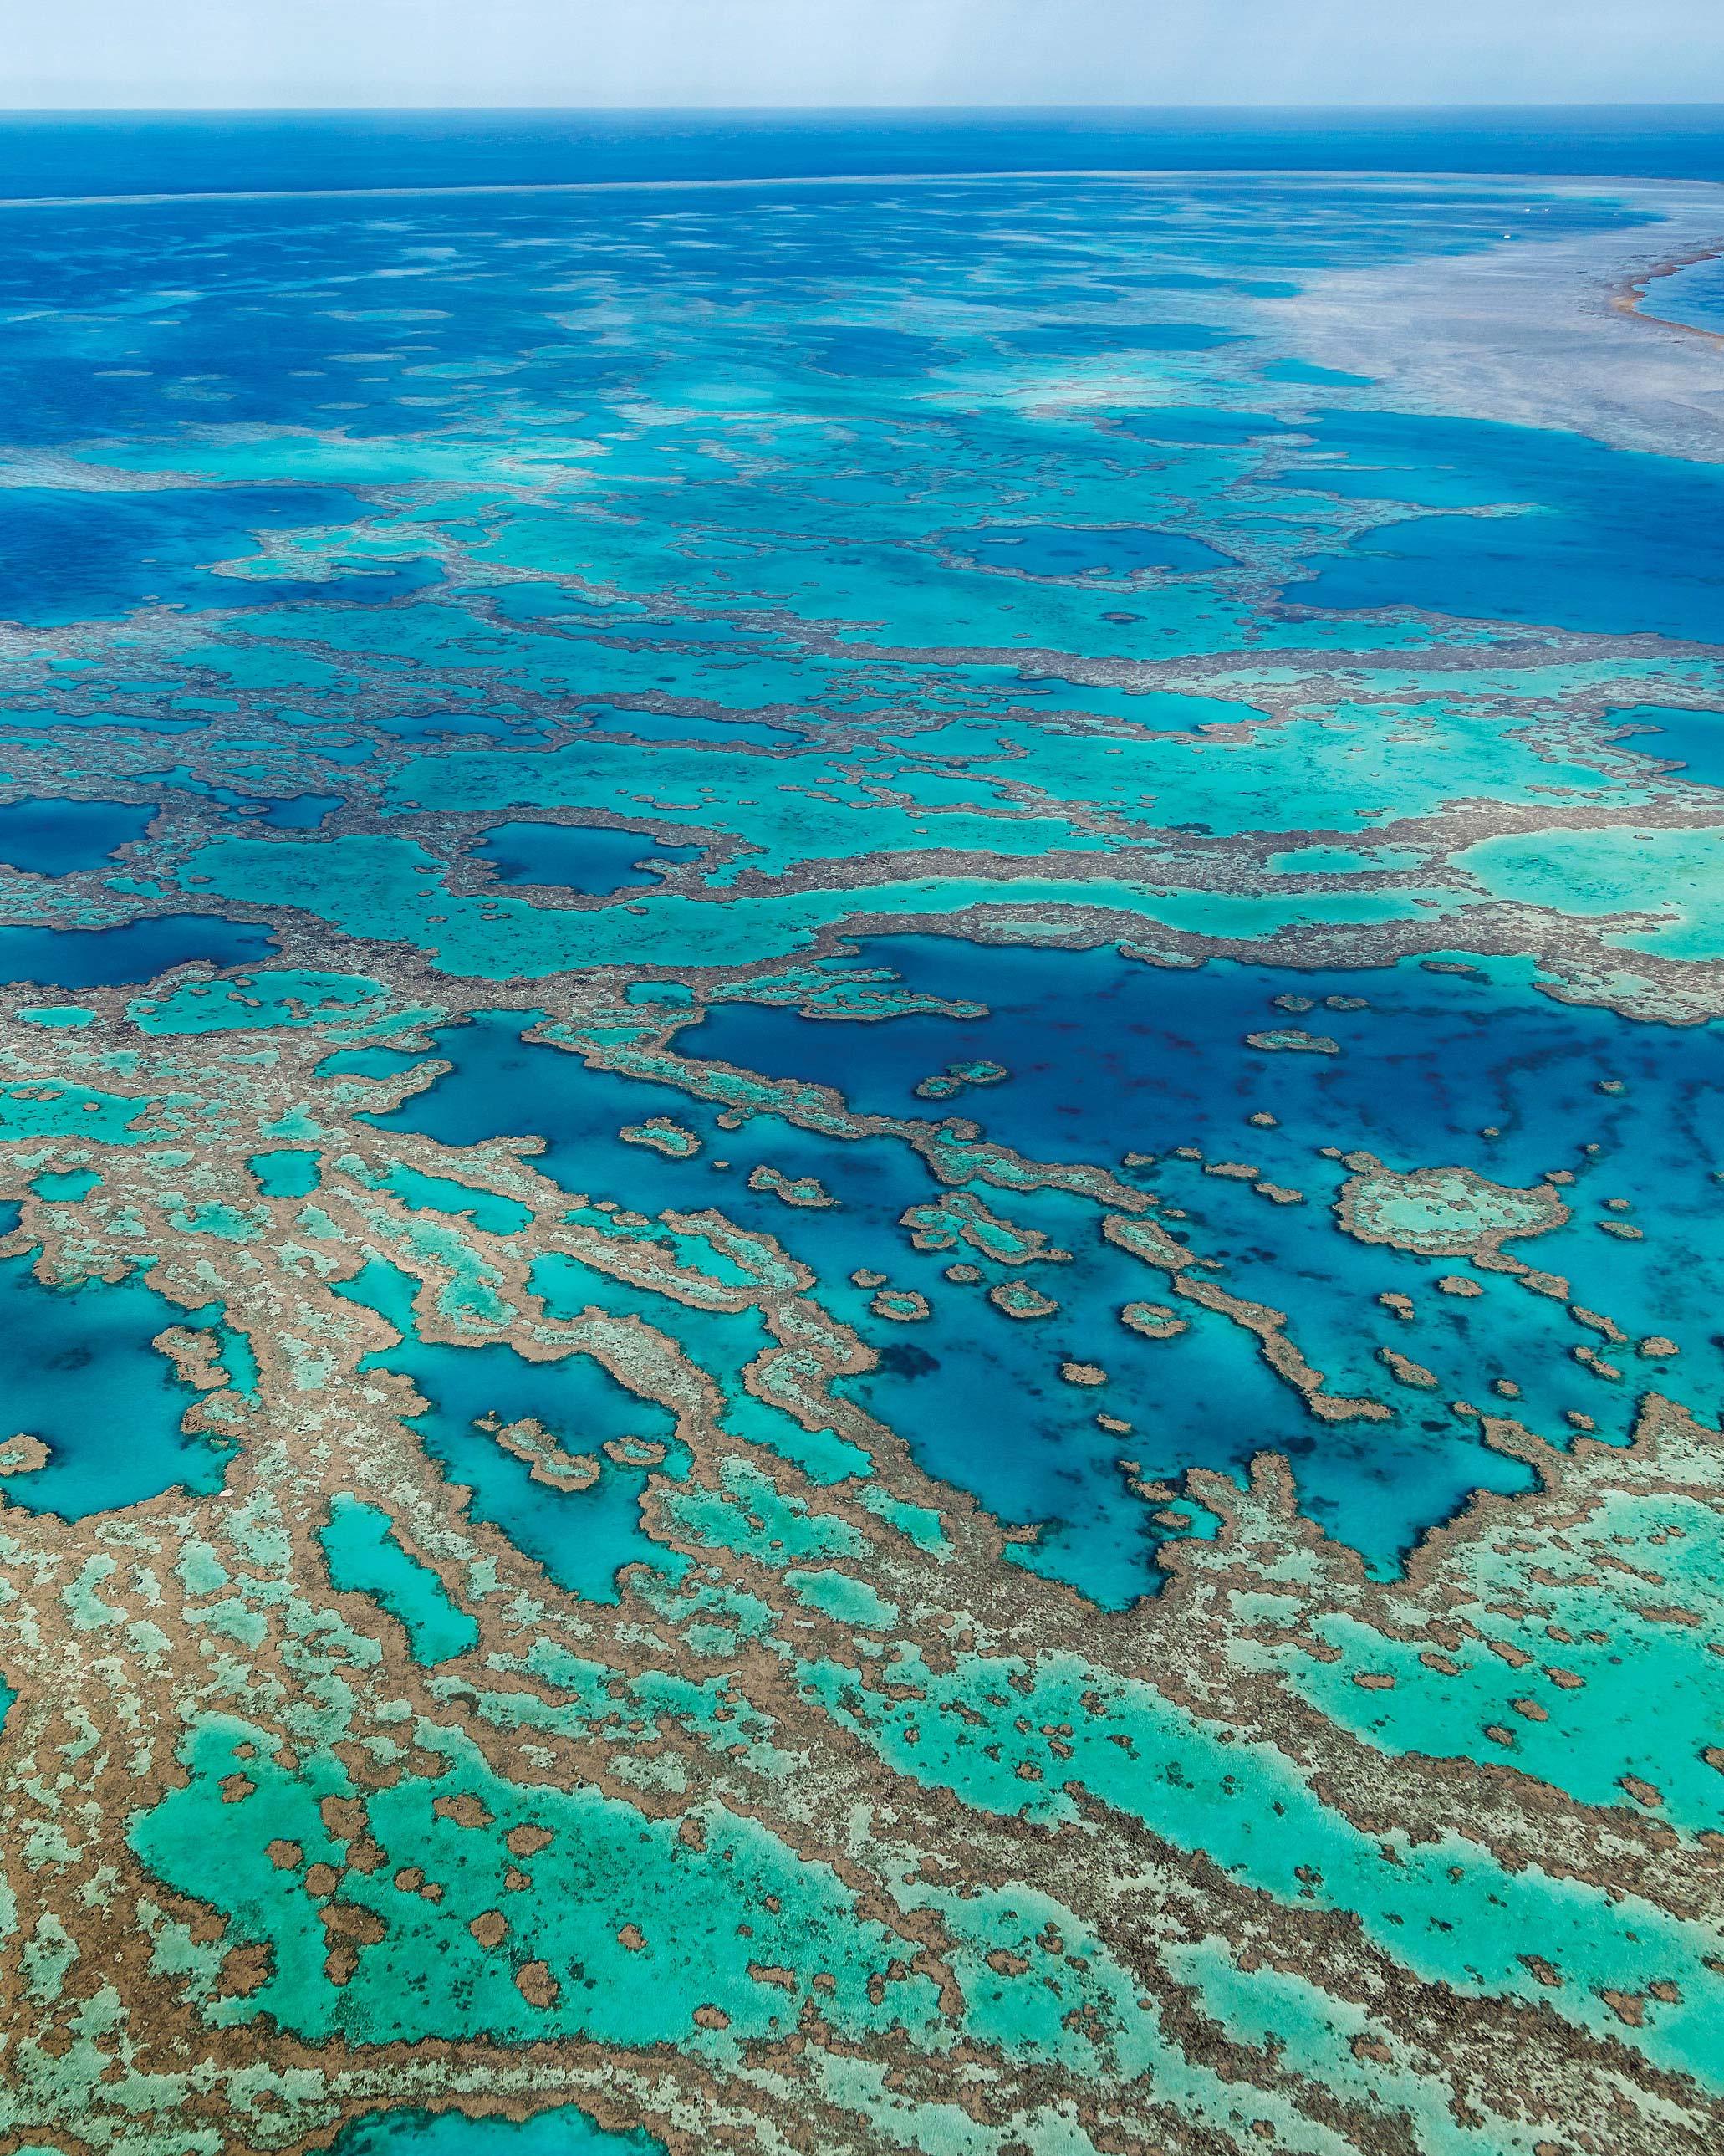 travel-honeymoon-diaries-great-barrier-reef-australia-s112934.jpg